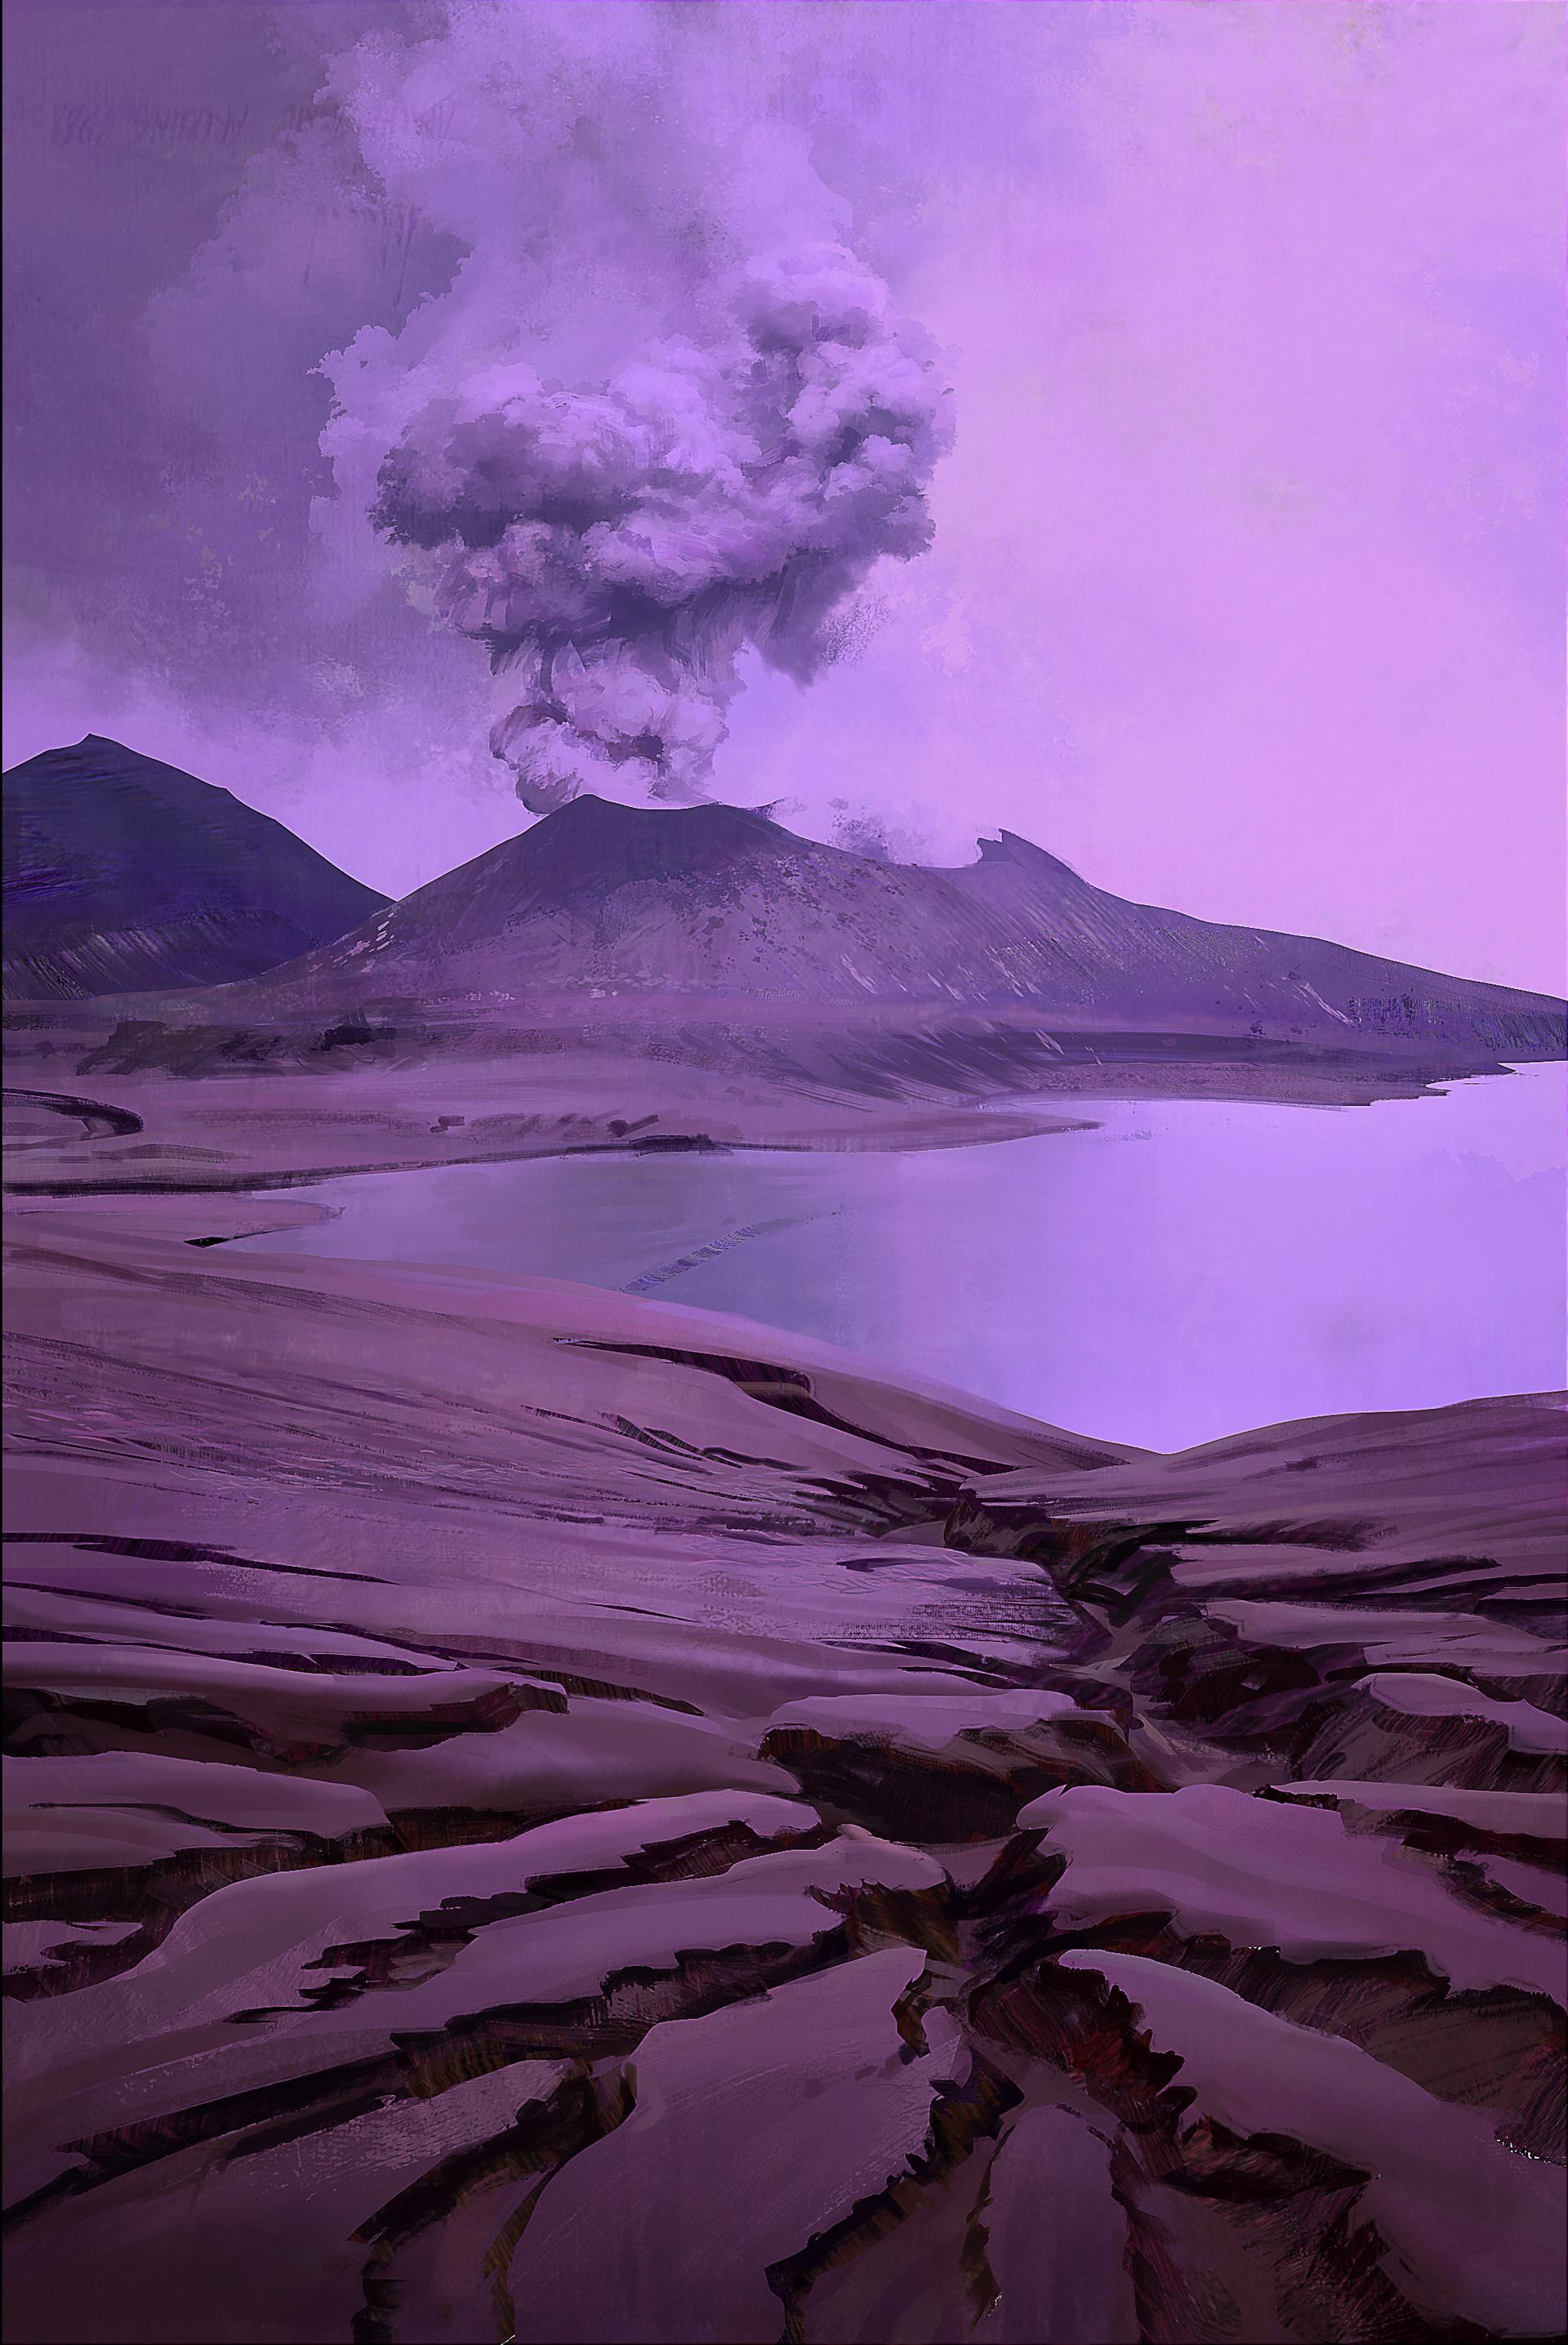 Volcano study